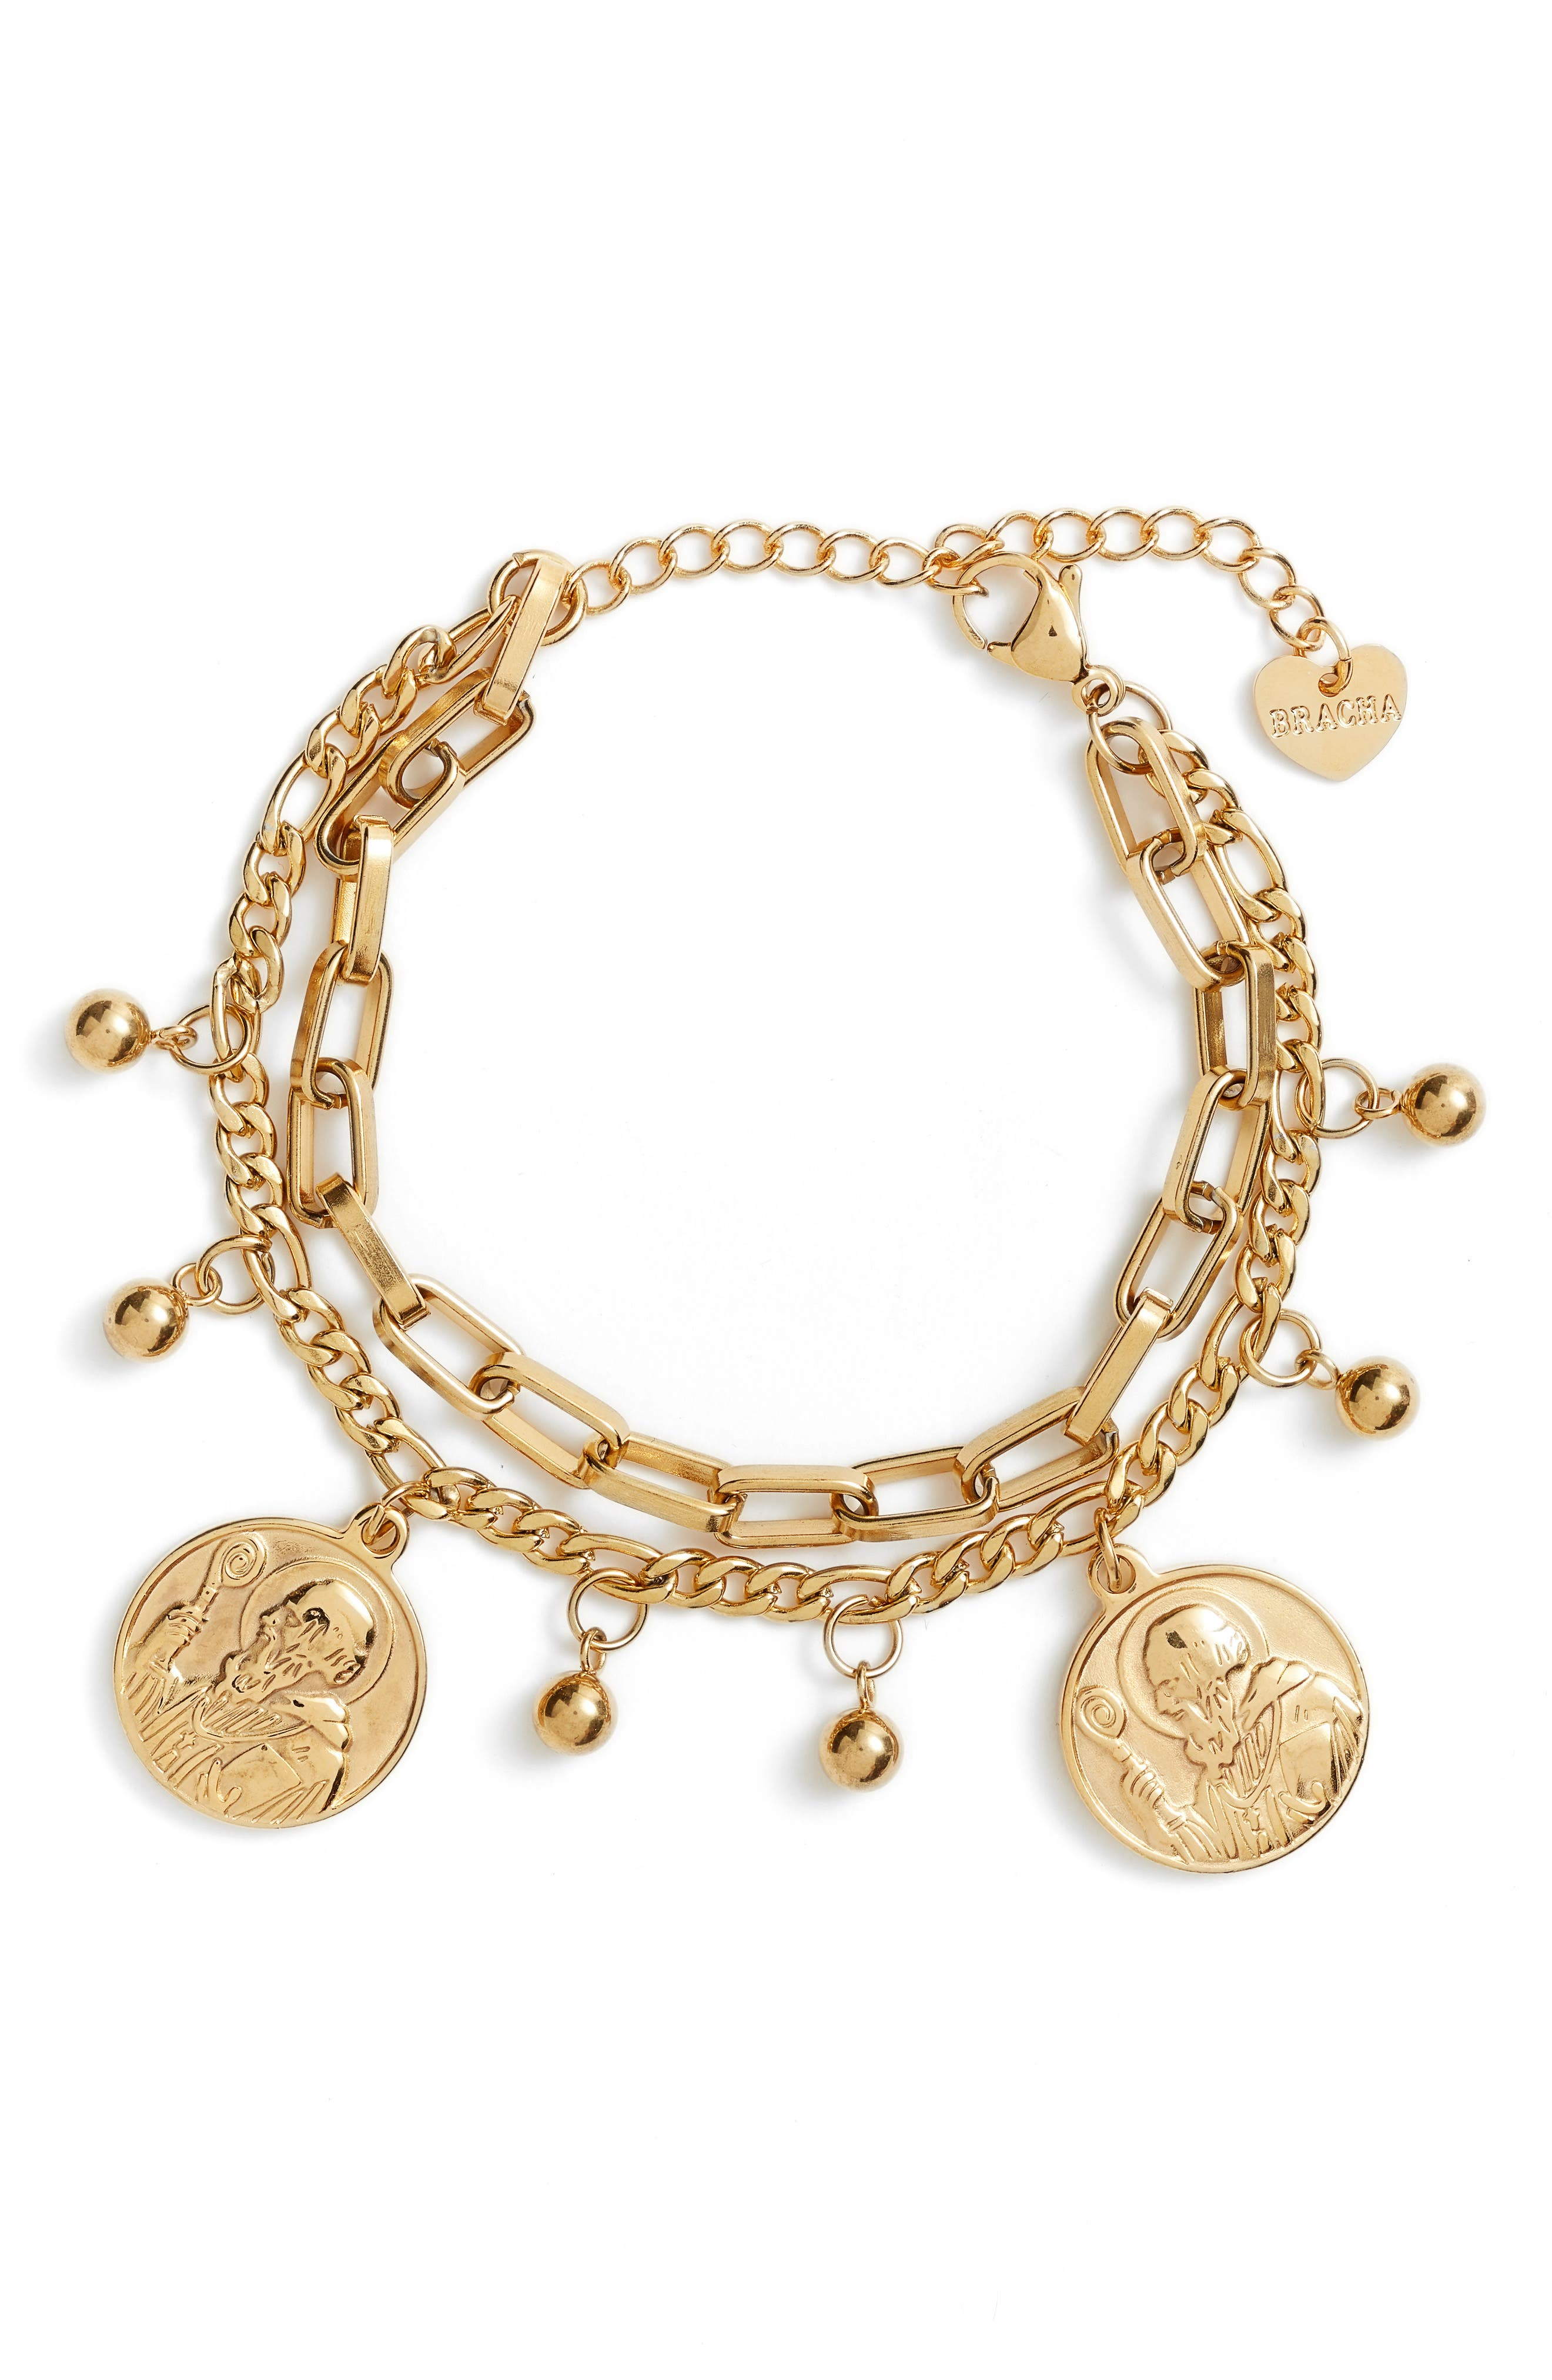 All Saints Coin Charm Bracelet